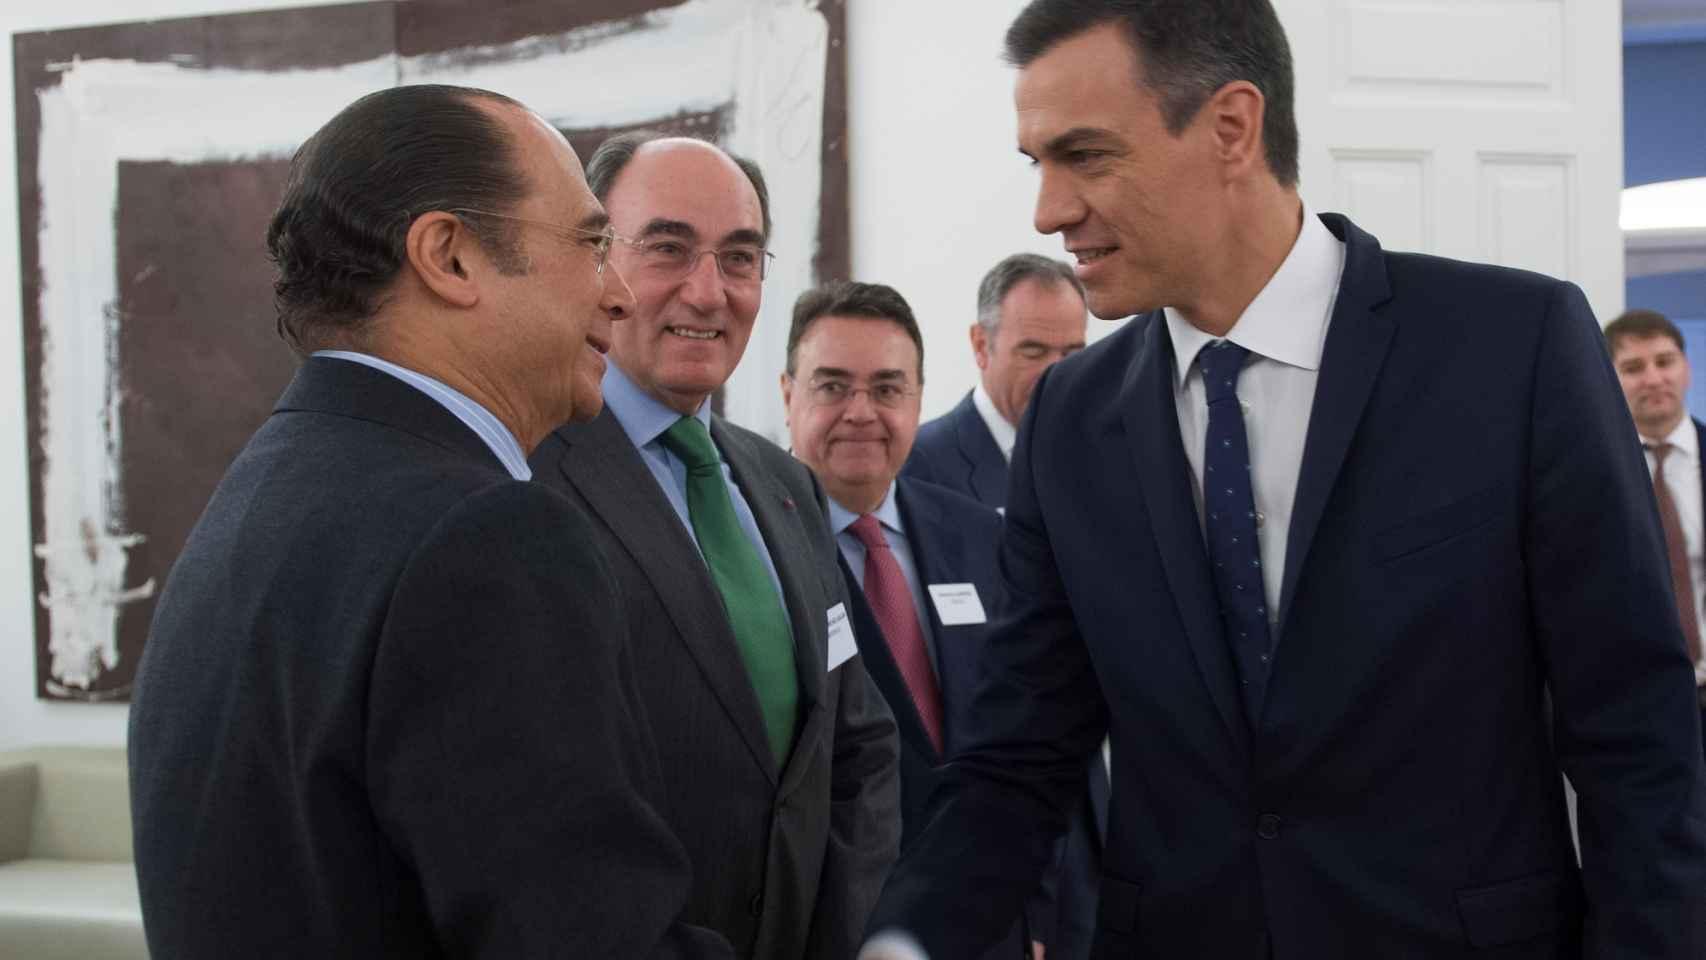 El presidente Pedro Sánchez saluda a los gestores de grandes fondos de inversión internacionales y CEOs de empresas multinacionales españolas .